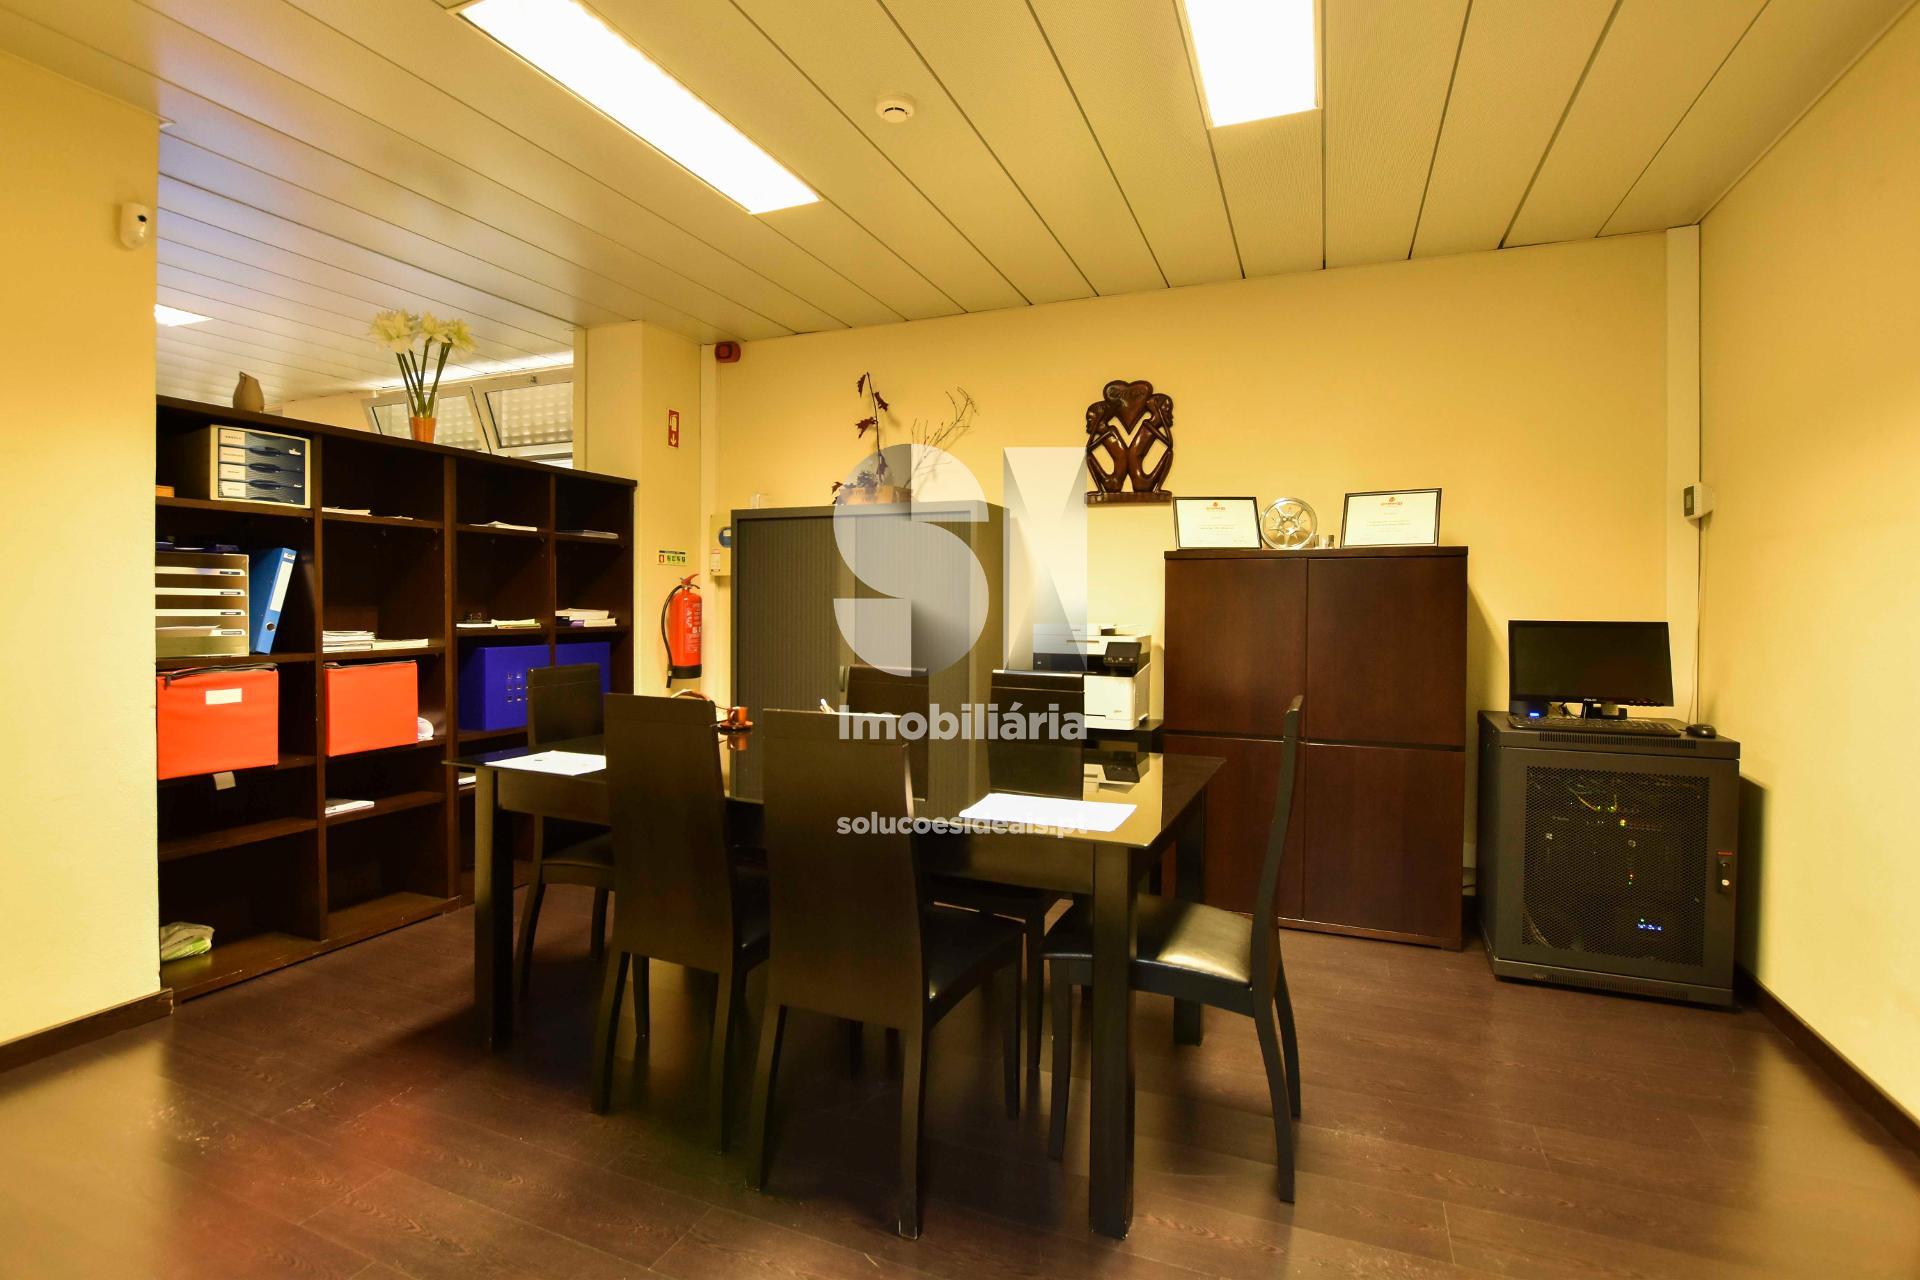 Sala de reuniões - outra perspetiva